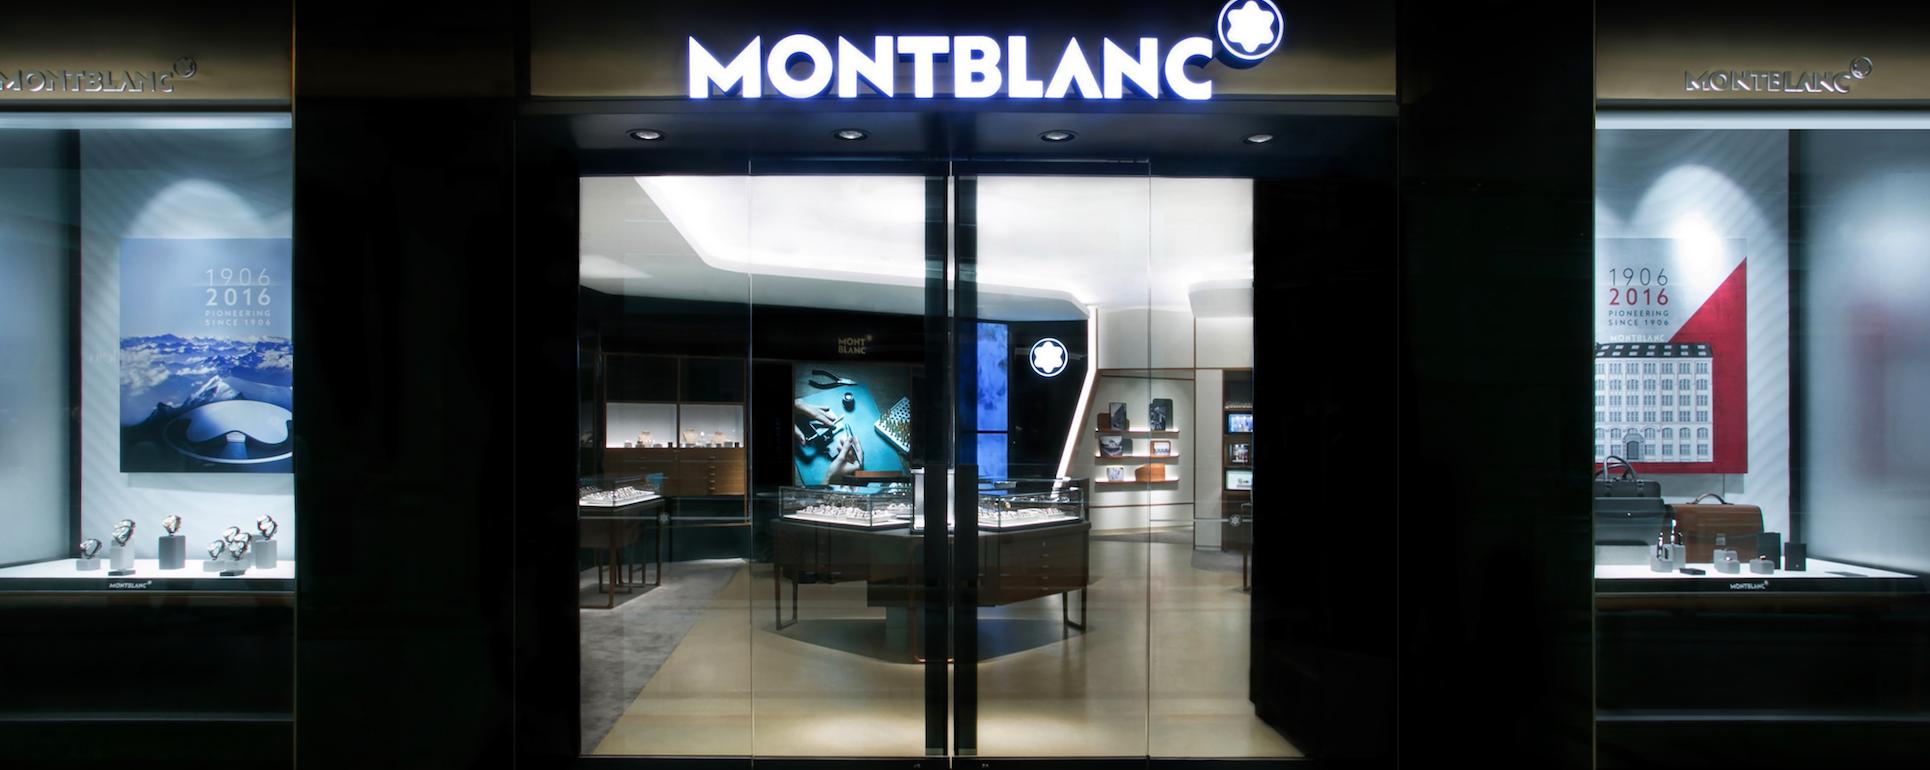 Montblanc-Kuala-Lumpur-1-2016